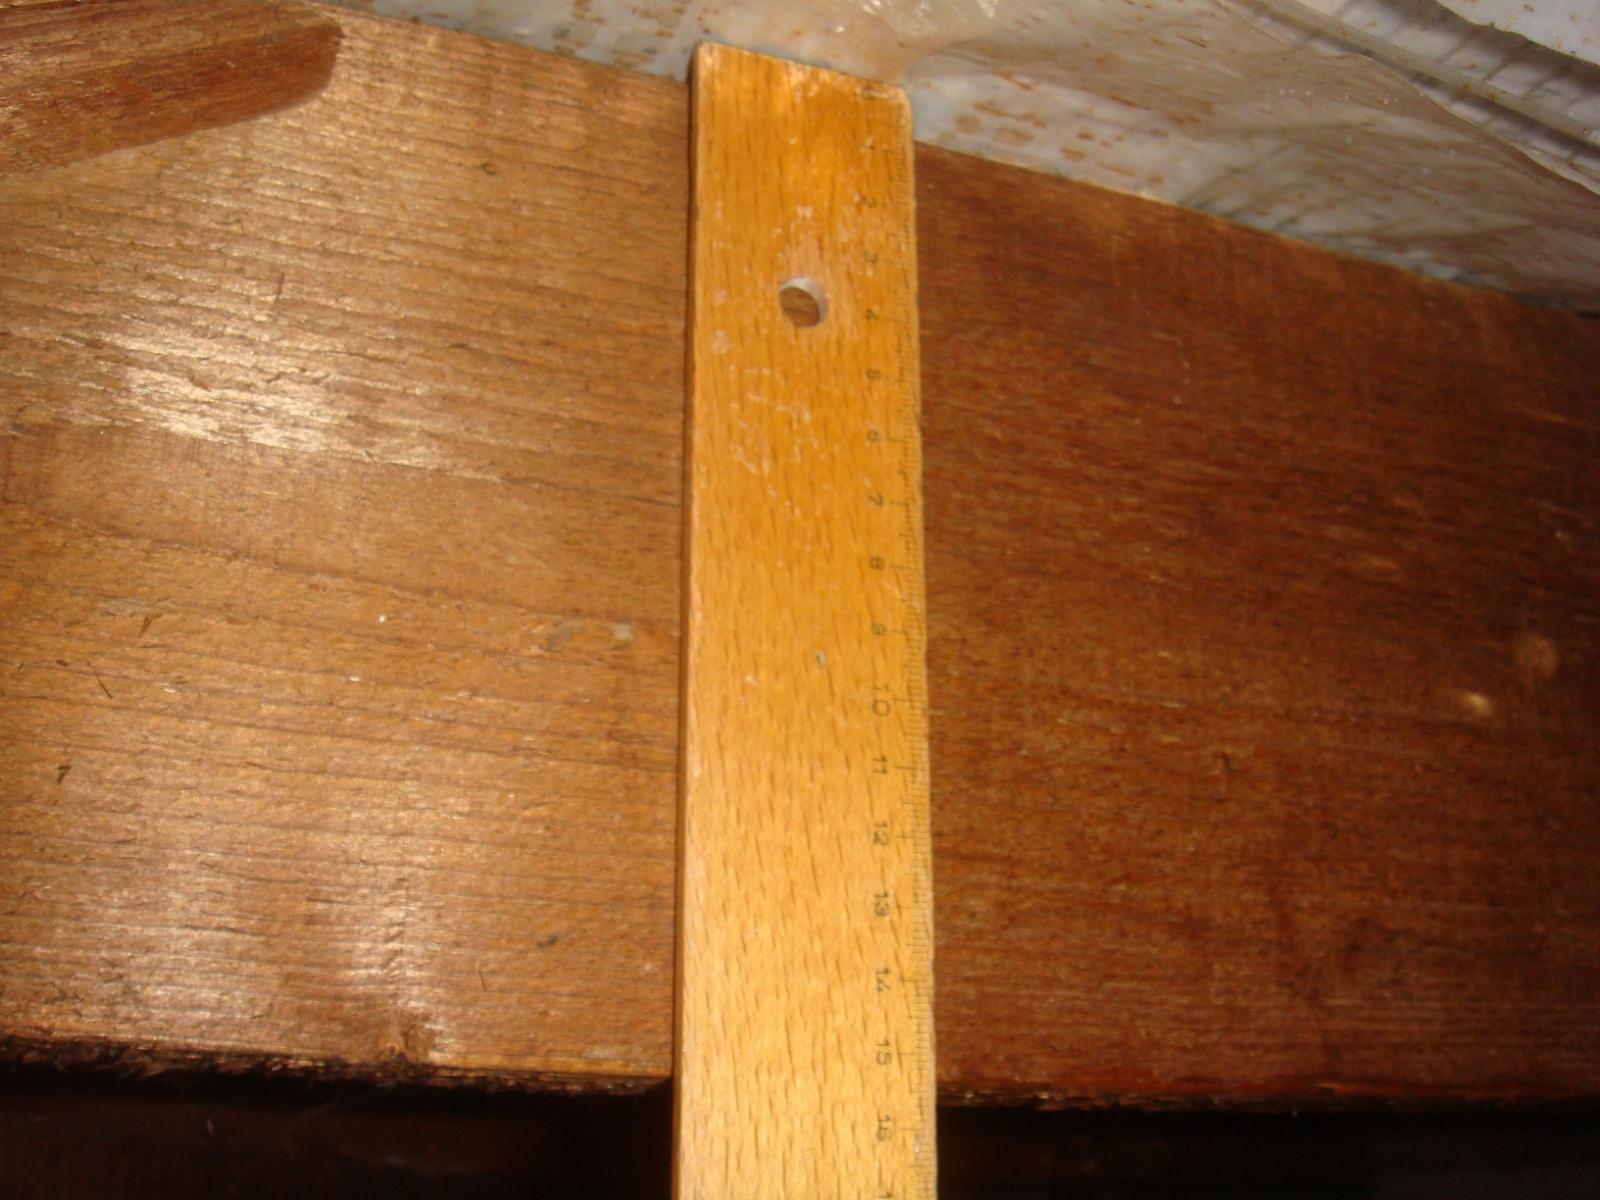 Fußboden Ideen Zumi ~ Fußboden dämmen dachboden balken fußboden dämmen dachboden